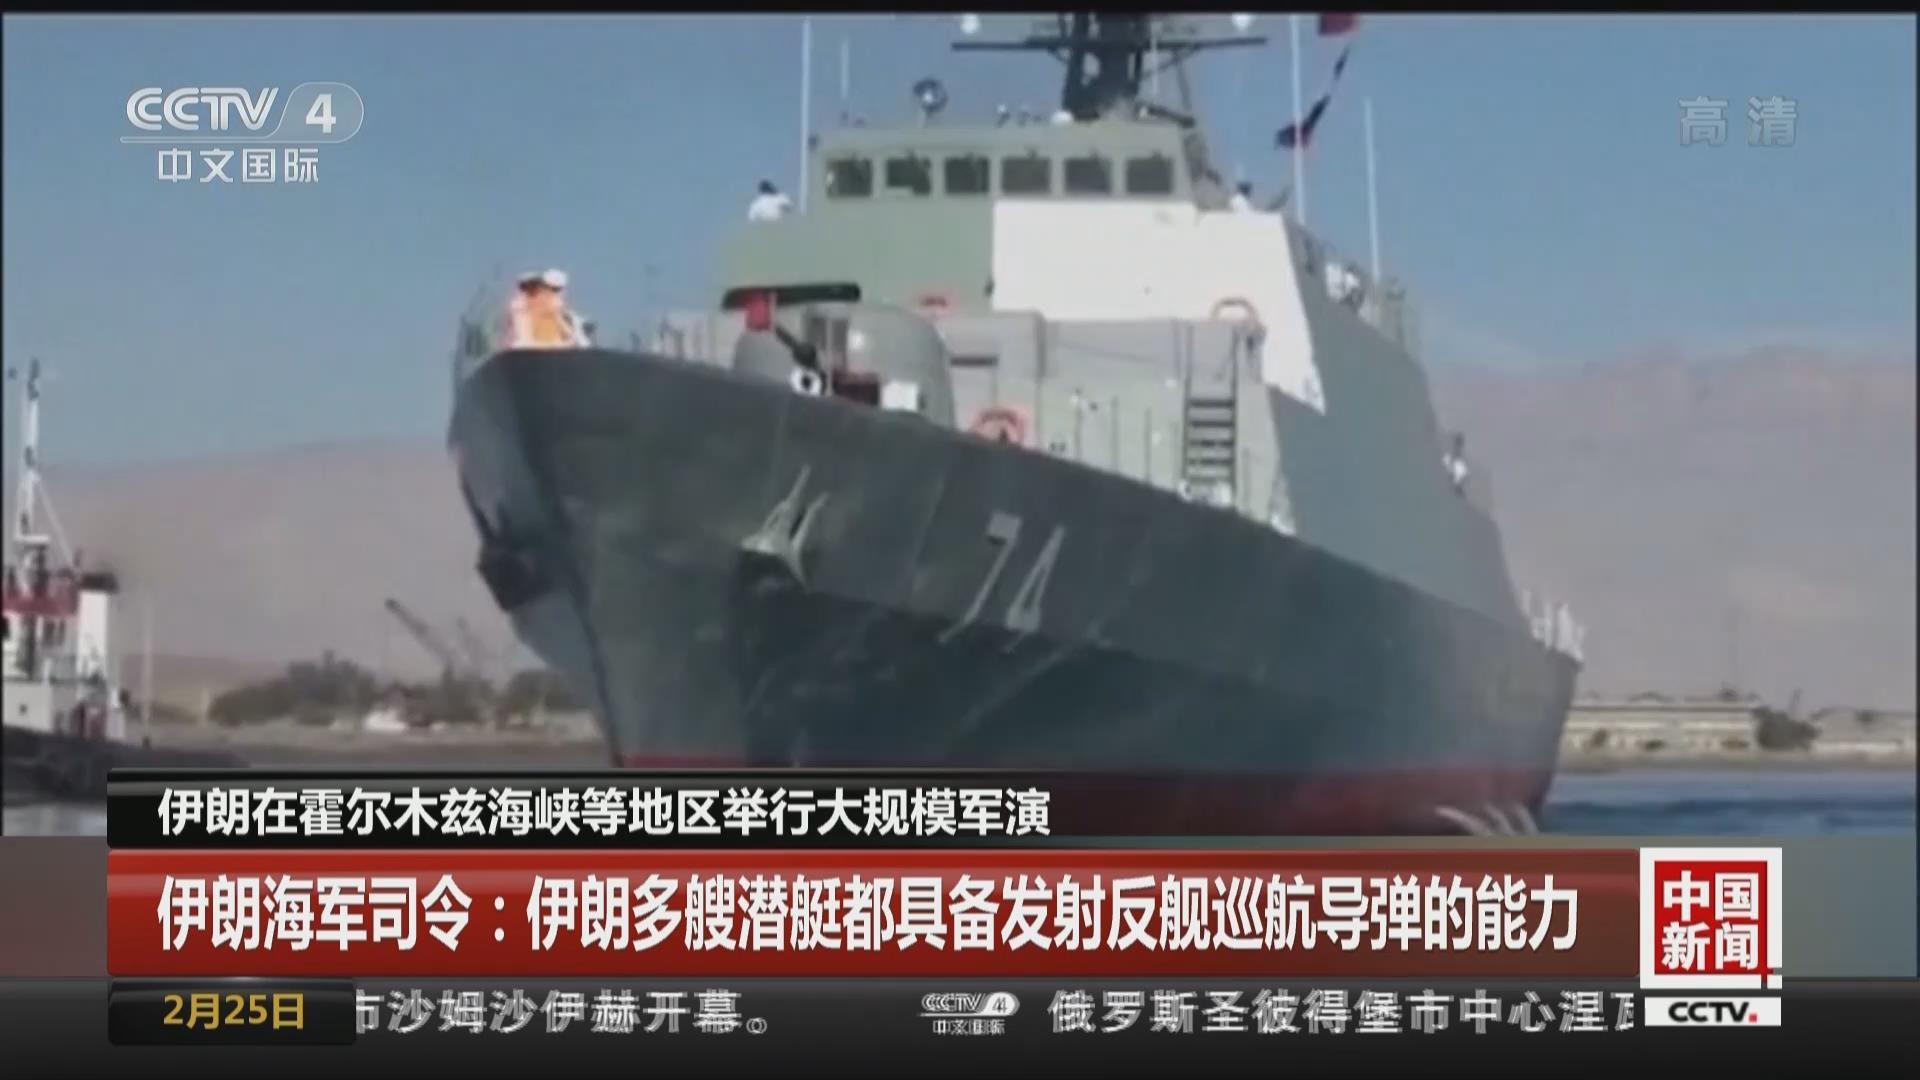 伊朗在霍爾木茲海峽等地區舉行大規模軍演